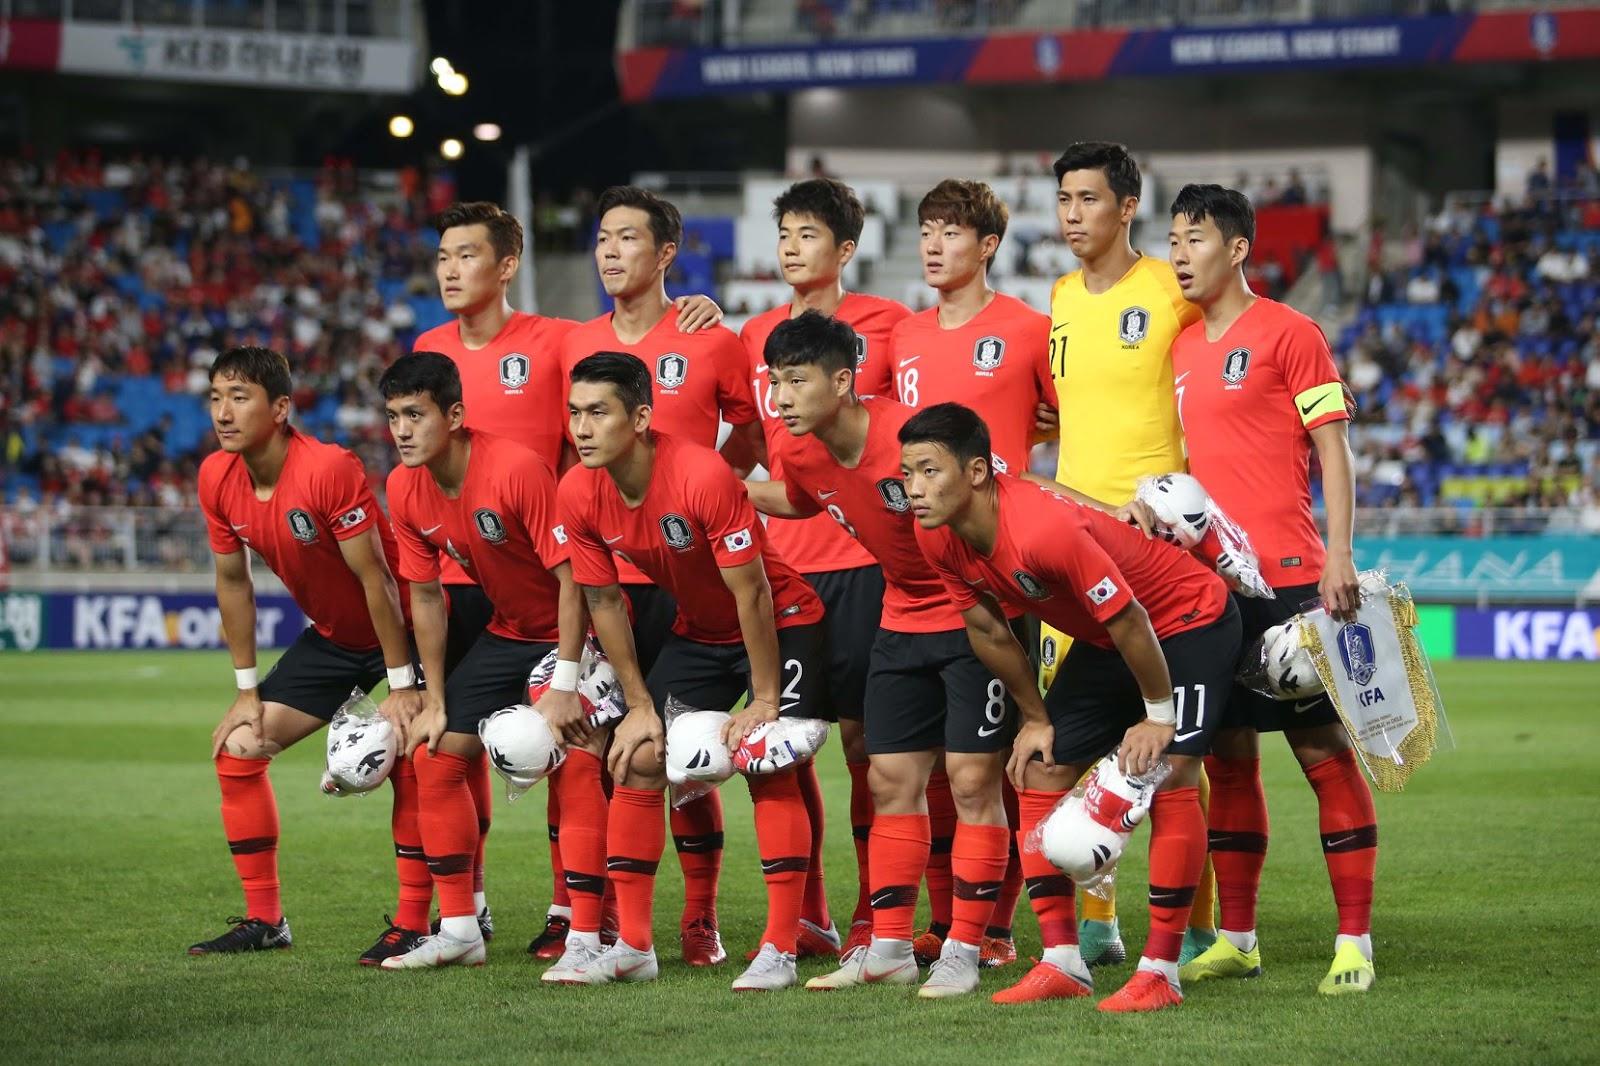 Formación de Corea del Sur ante Chile, amistoso disputado el 11 de septiembre de 2018